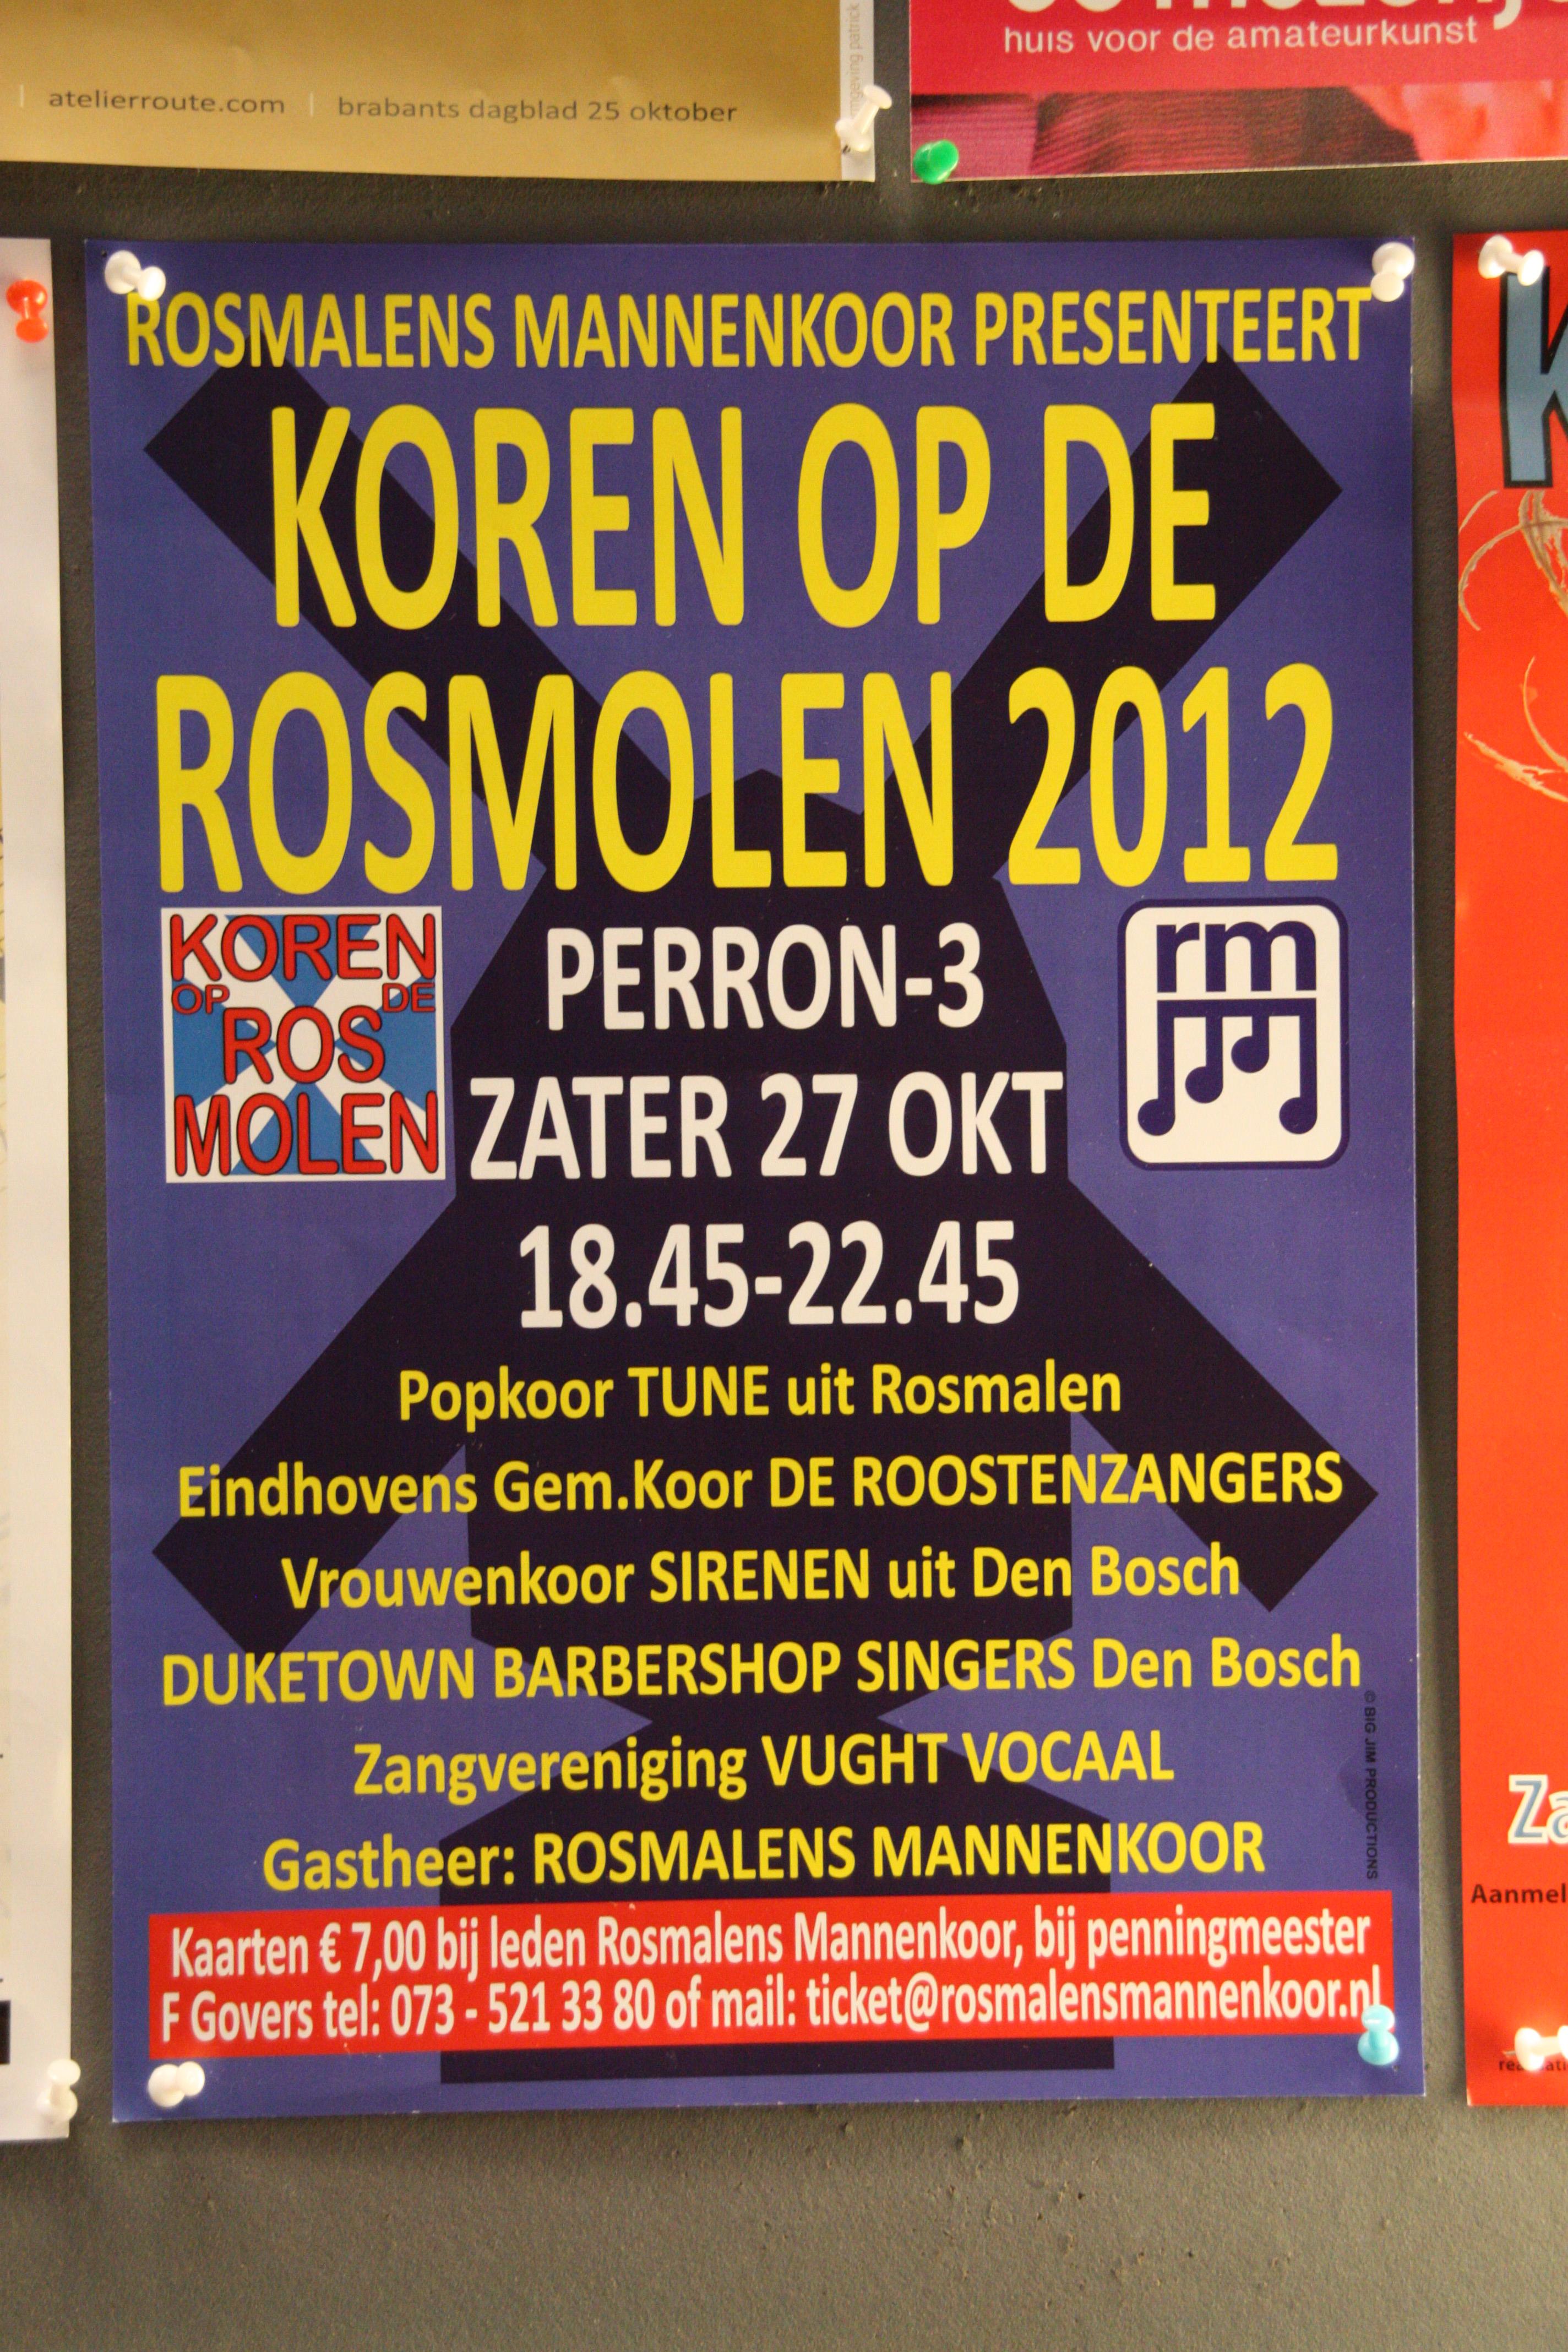 Koren op de Rosmolen 2012 10 27_1700